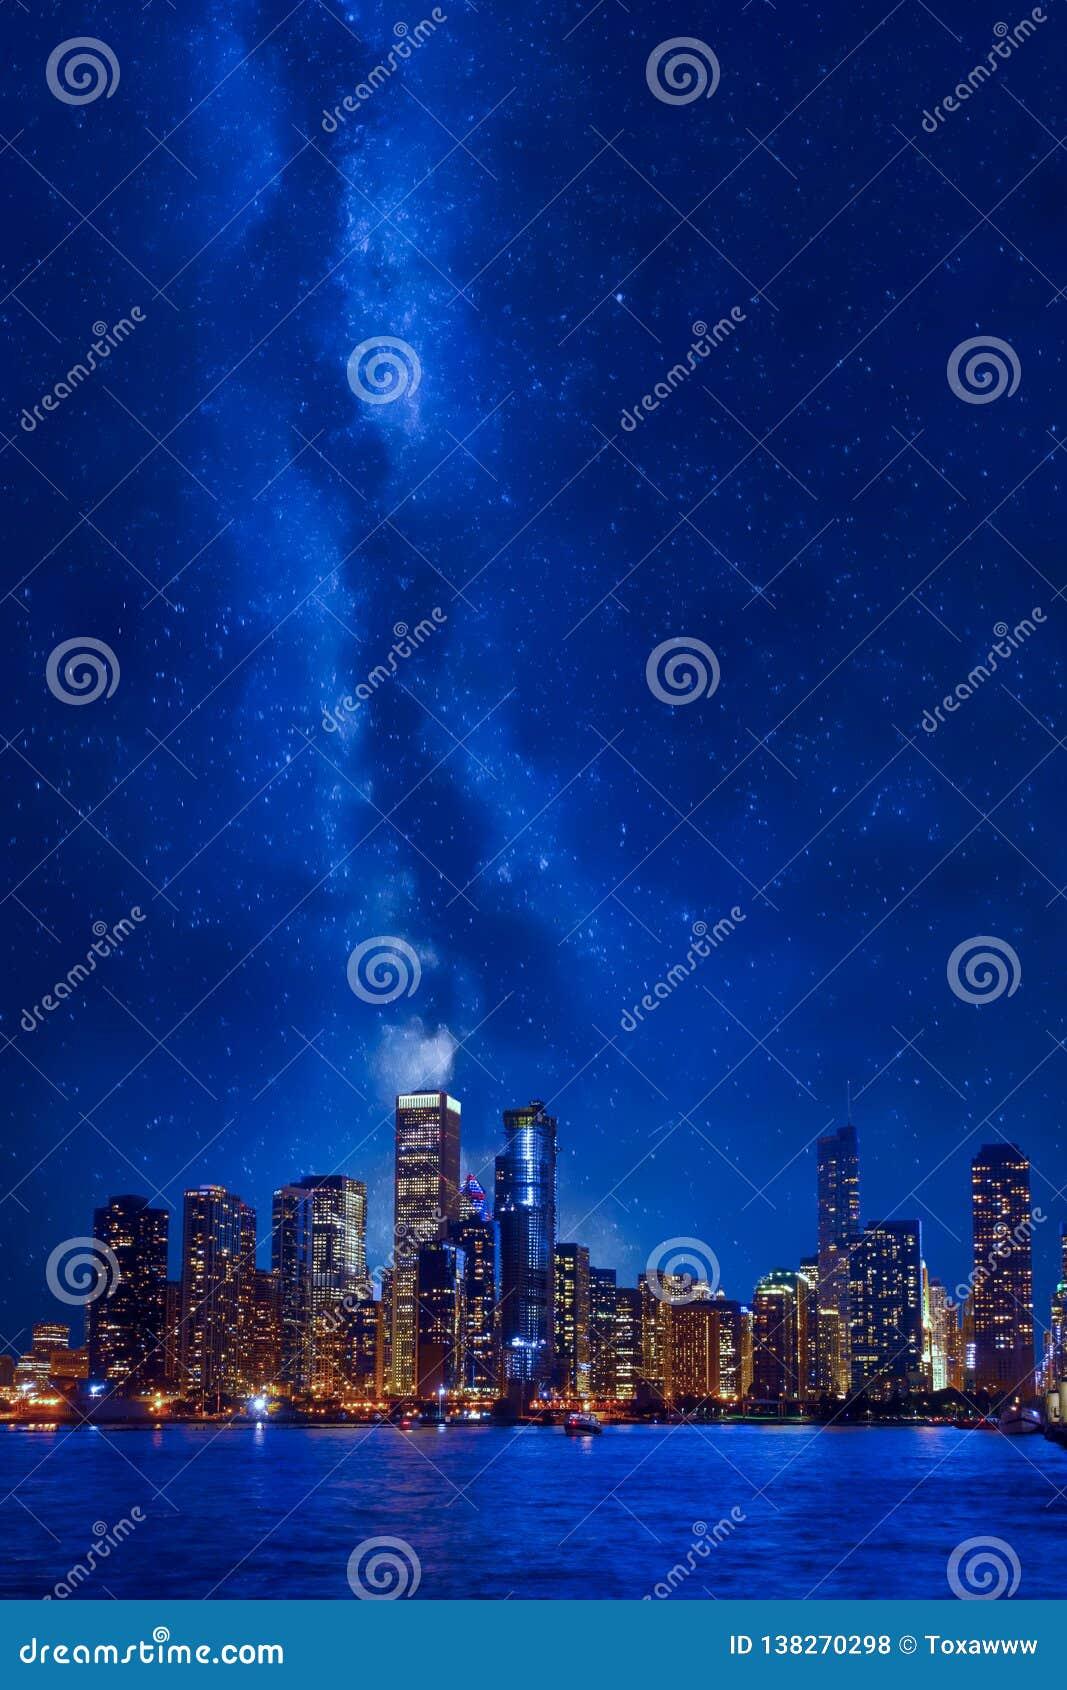 Στο κέντρο της πόλης εικονική παράσταση πόλης του νυχτερινού Σικάγου